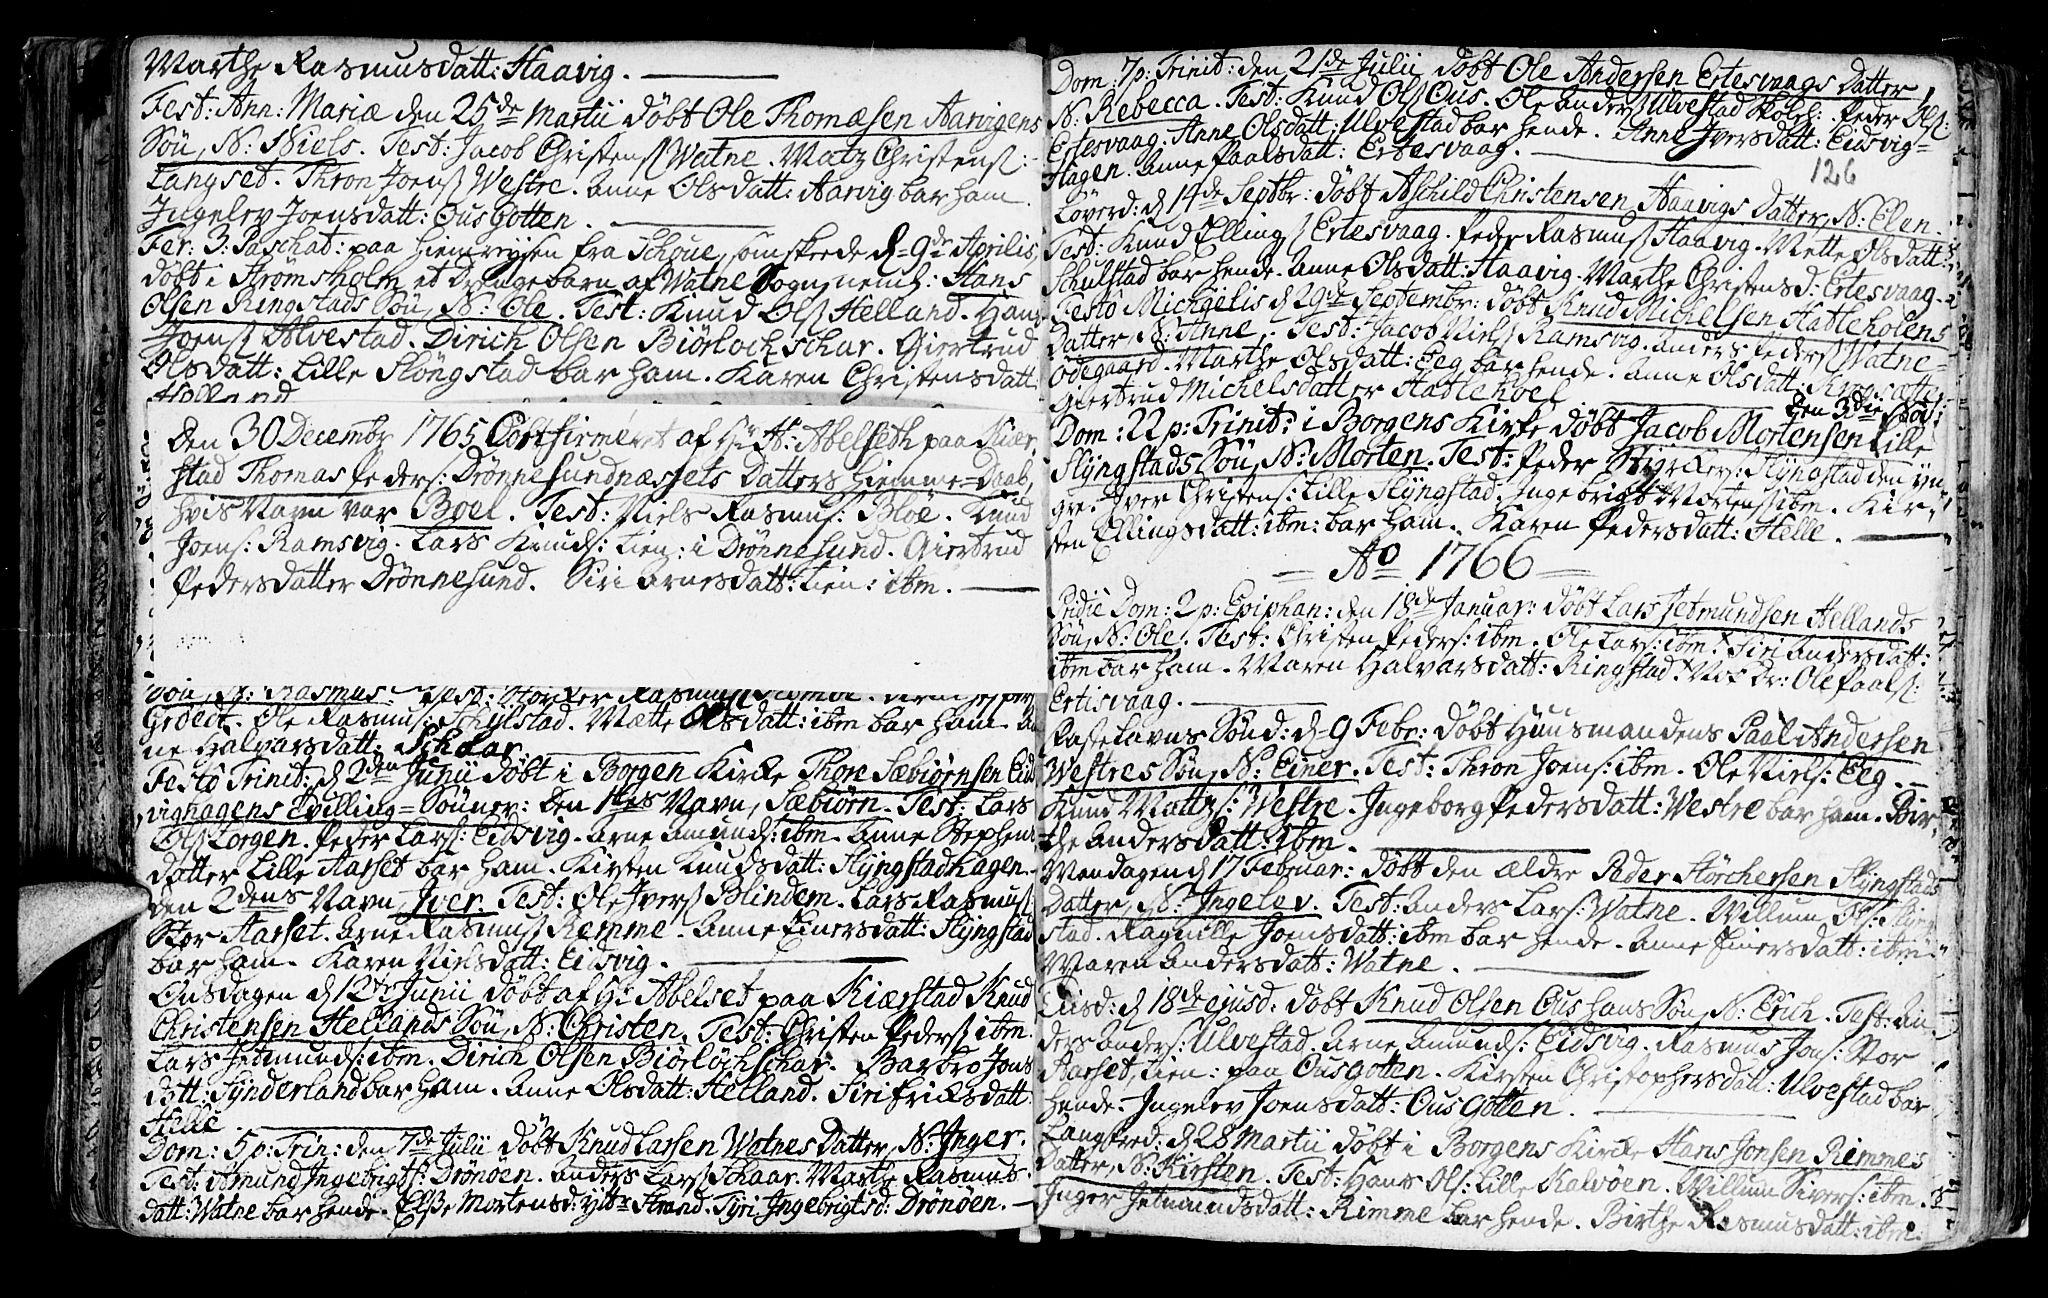 SAT, Ministerialprotokoller, klokkerbøker og fødselsregistre - Møre og Romsdal, 525/L0371: Ministerialbok nr. 525A01, 1699-1777, s. 126